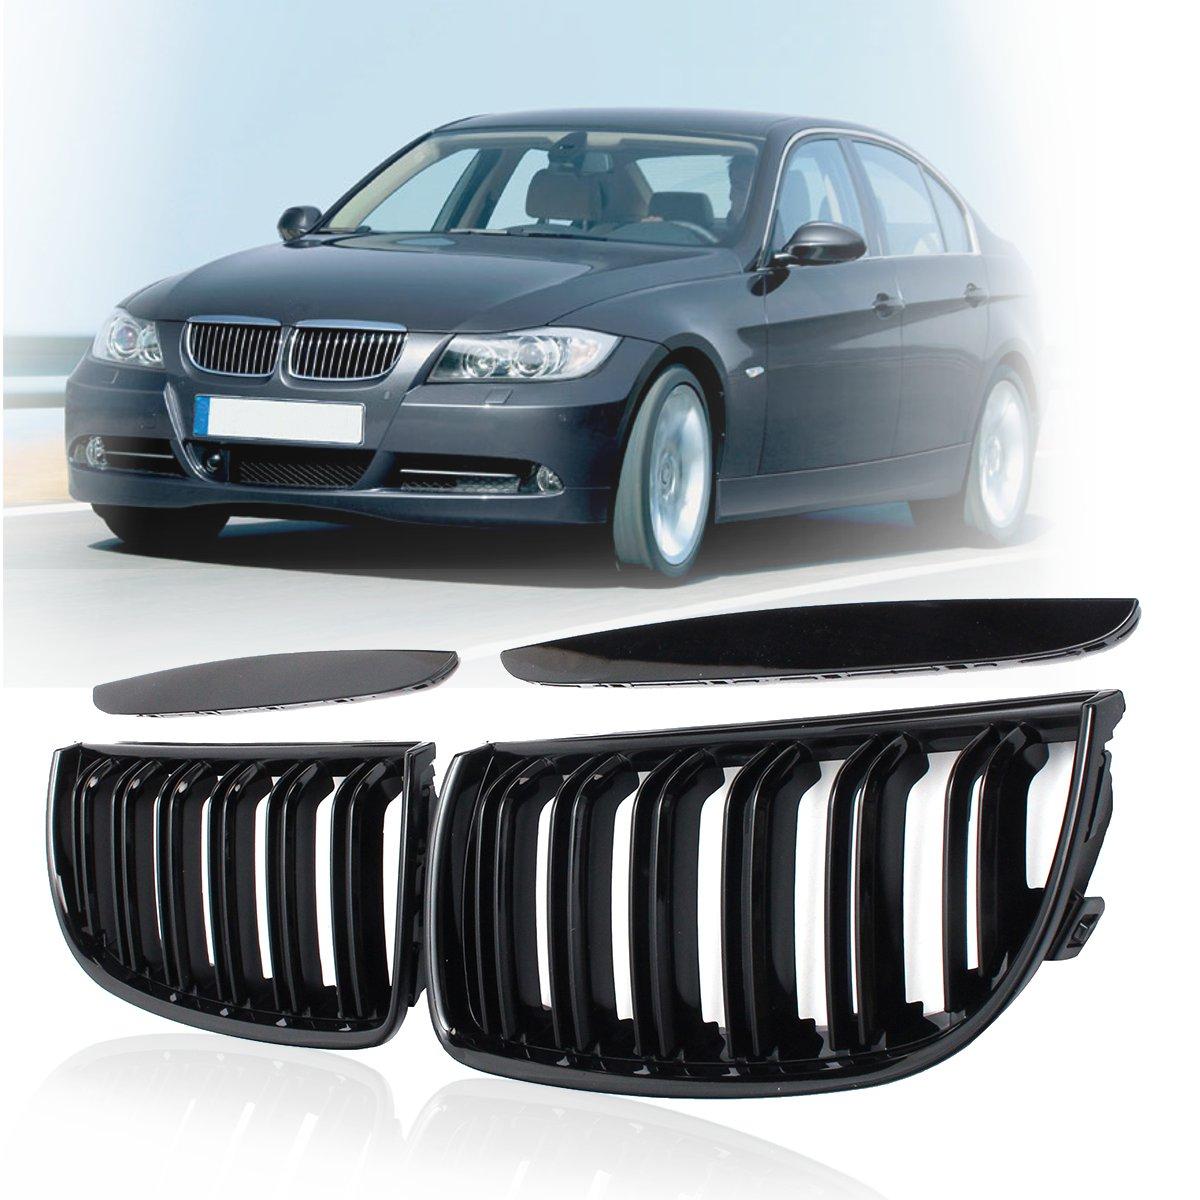 4 색 페어 프론트 글로스 매트 카본 M 컬러 블랙 2 라인 더블 슬랫 신장 그릴 그릴 BMW E90 E91 4 도어 2005 06 07 2008